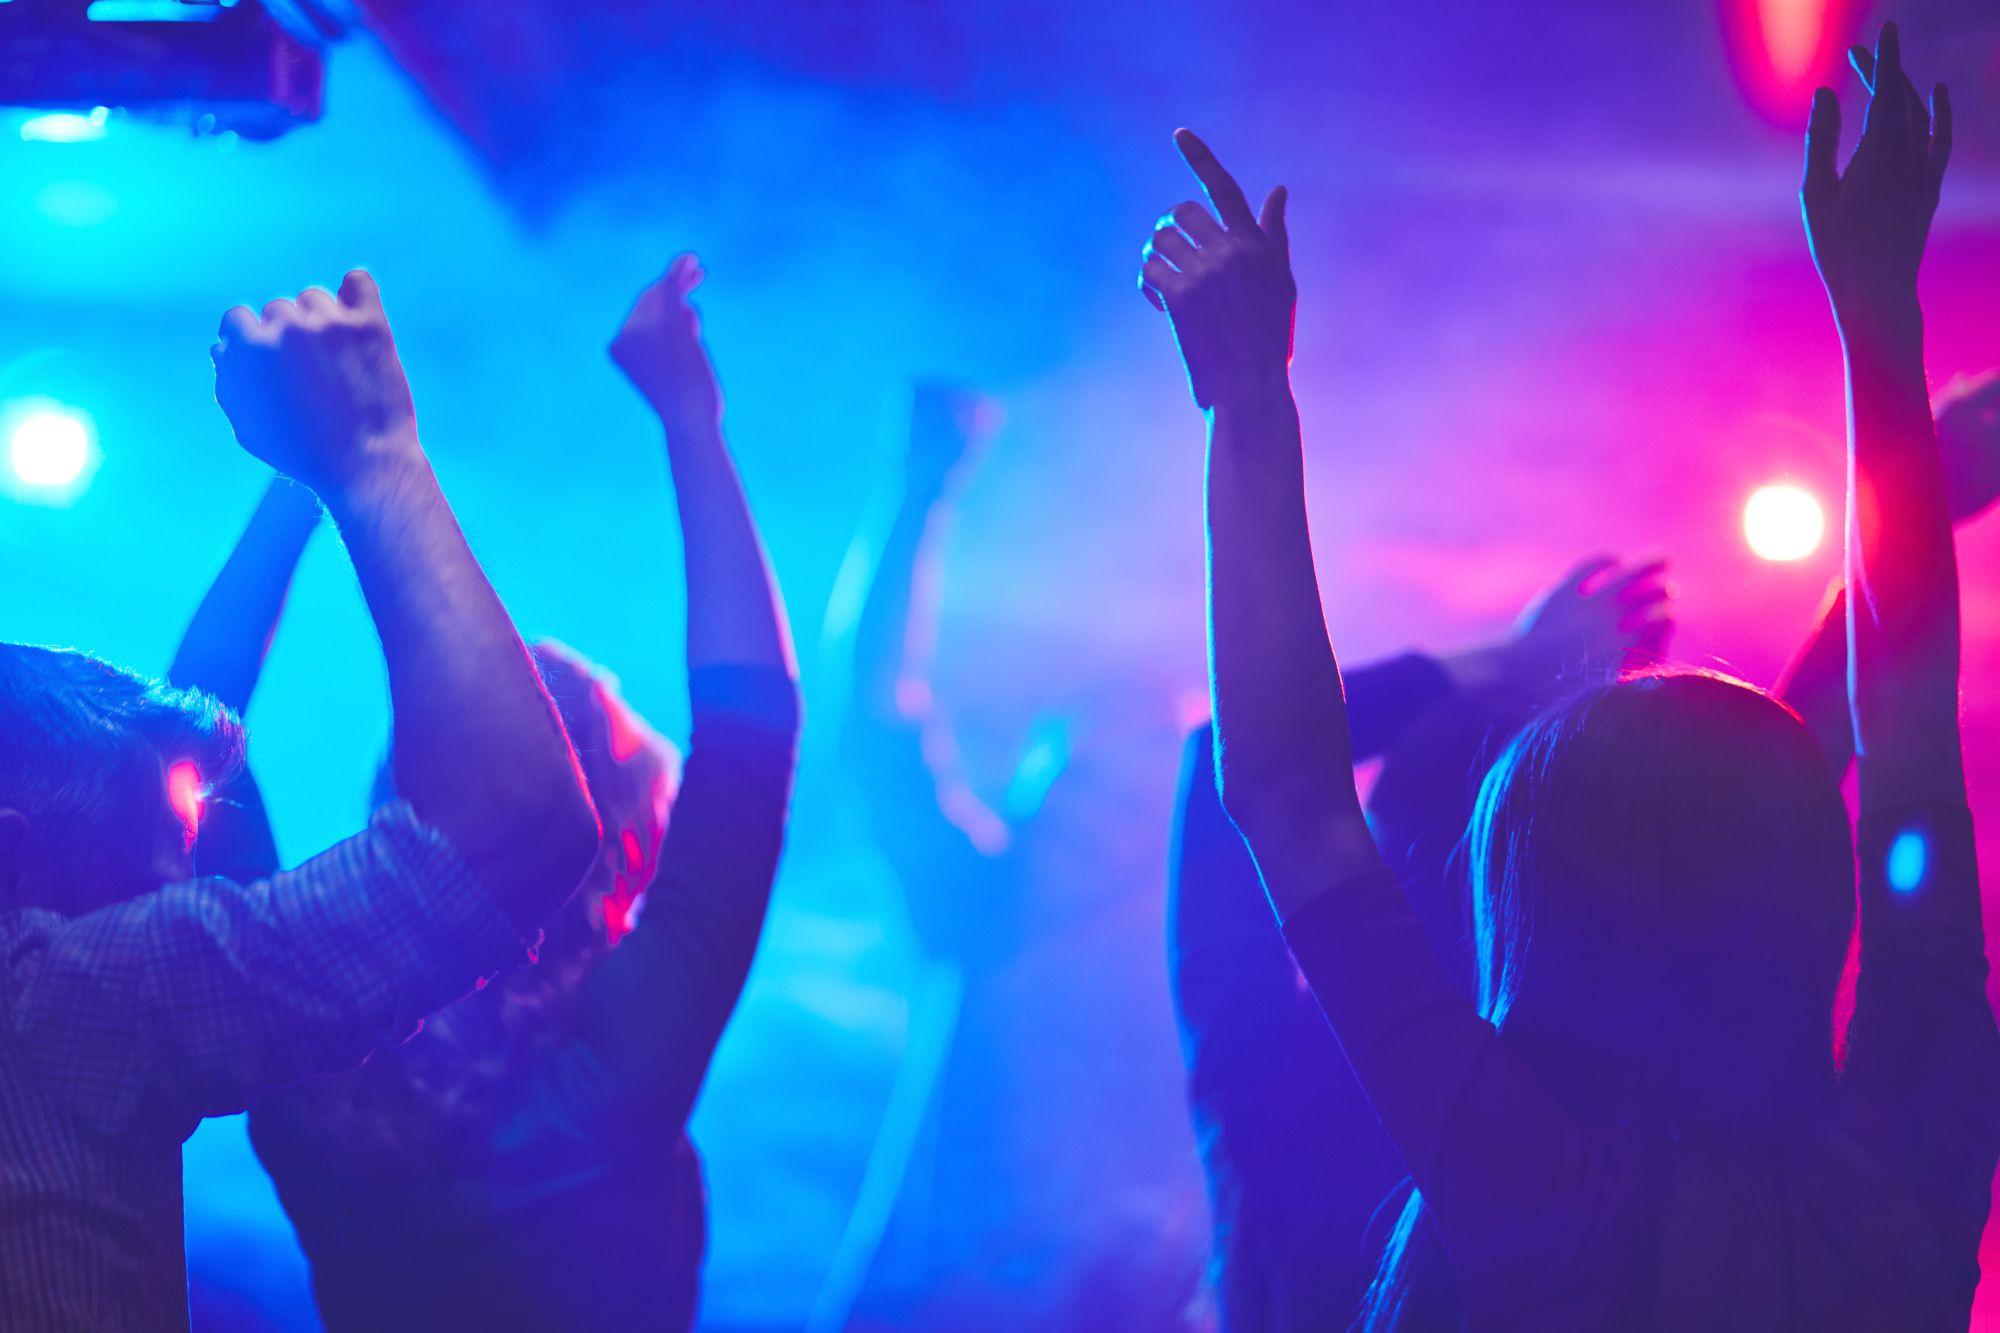 Taneczne szaleństwo w sercu Kutna! Już w ten weekend wyjątkowe wydarzenie - Zdjęcie główne